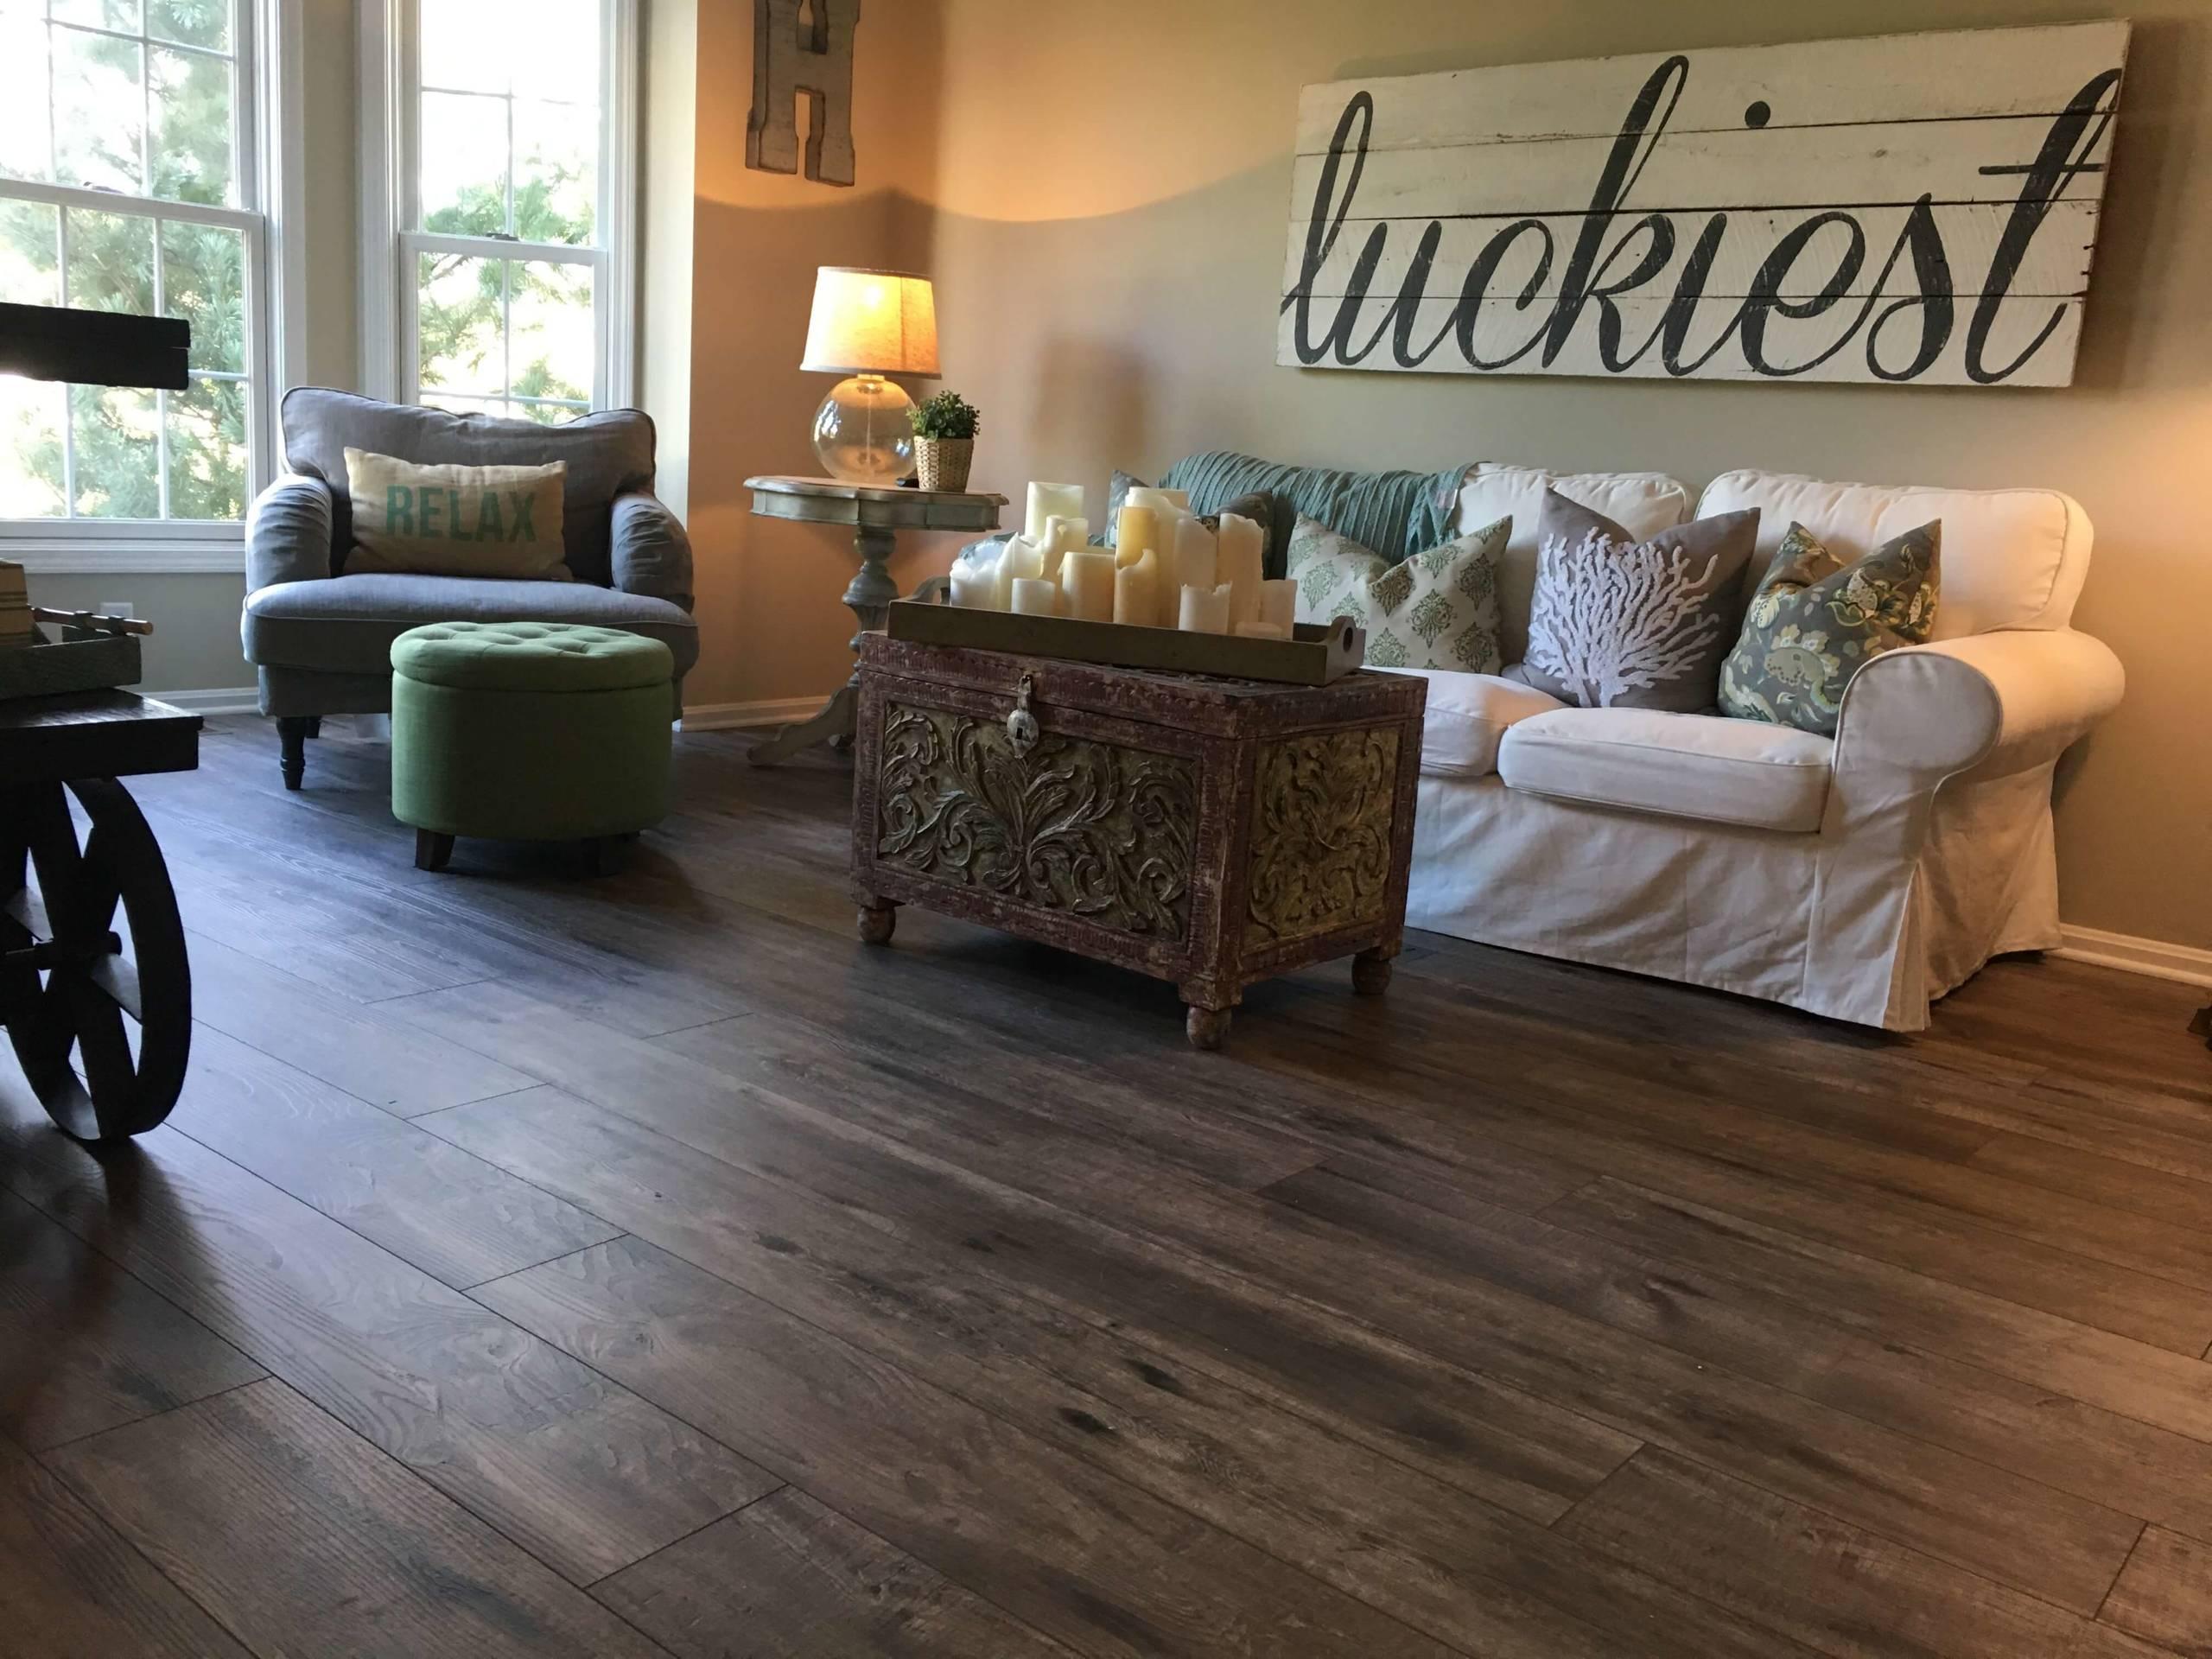 75 Beautiful Vinyl Floor Living Room